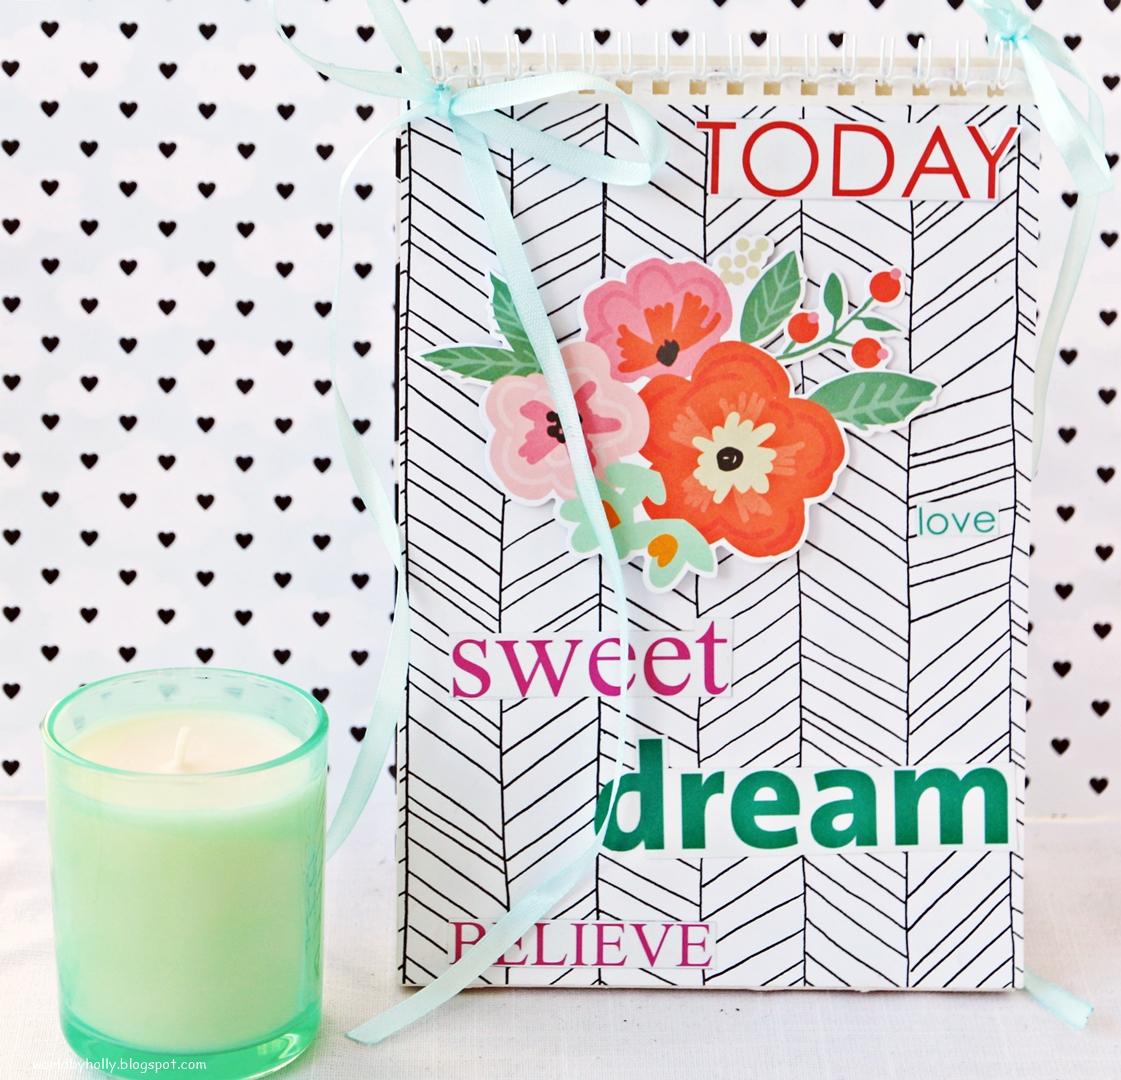 pozytywnik, pozytywny kalendarz, wiosenny kalnedarz